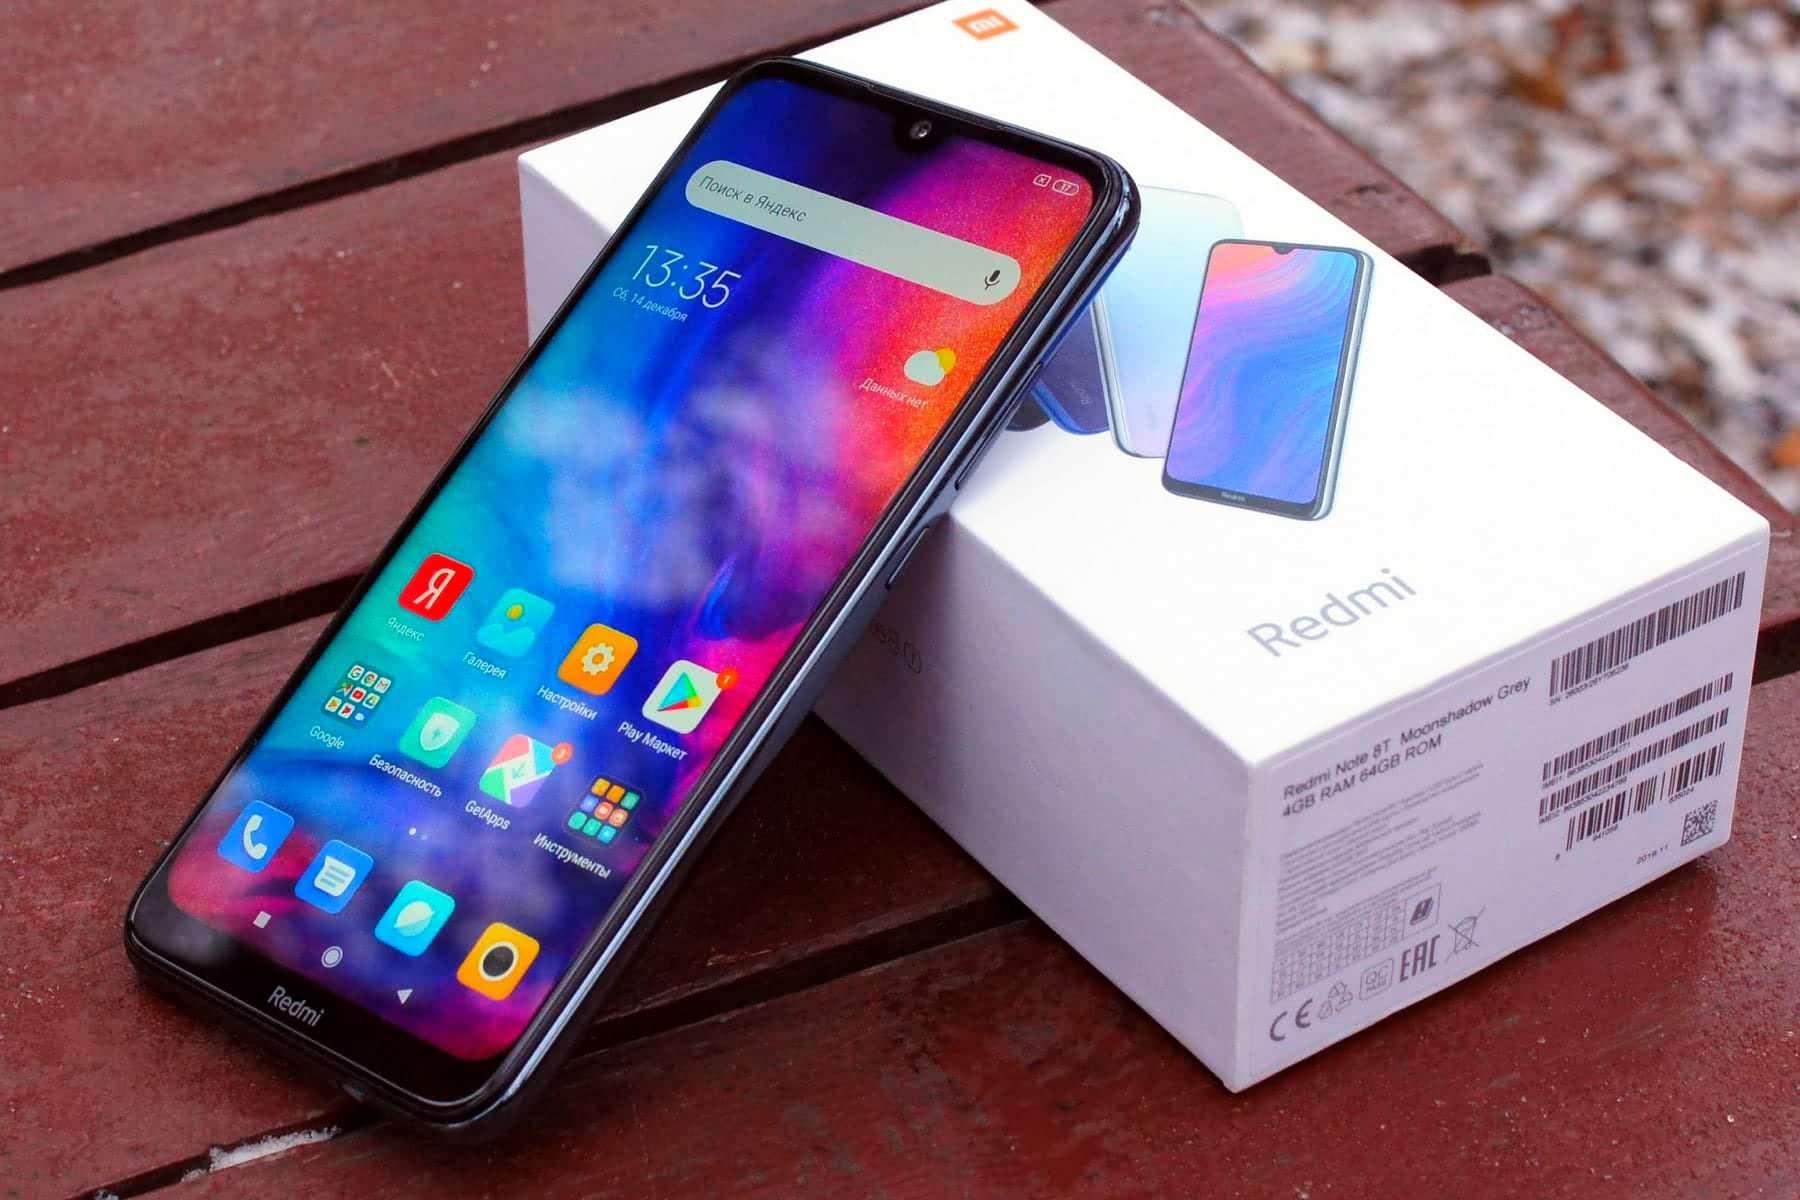 ТОП-3 смартфонов Xiaomi стоимостью до 7000 гривен